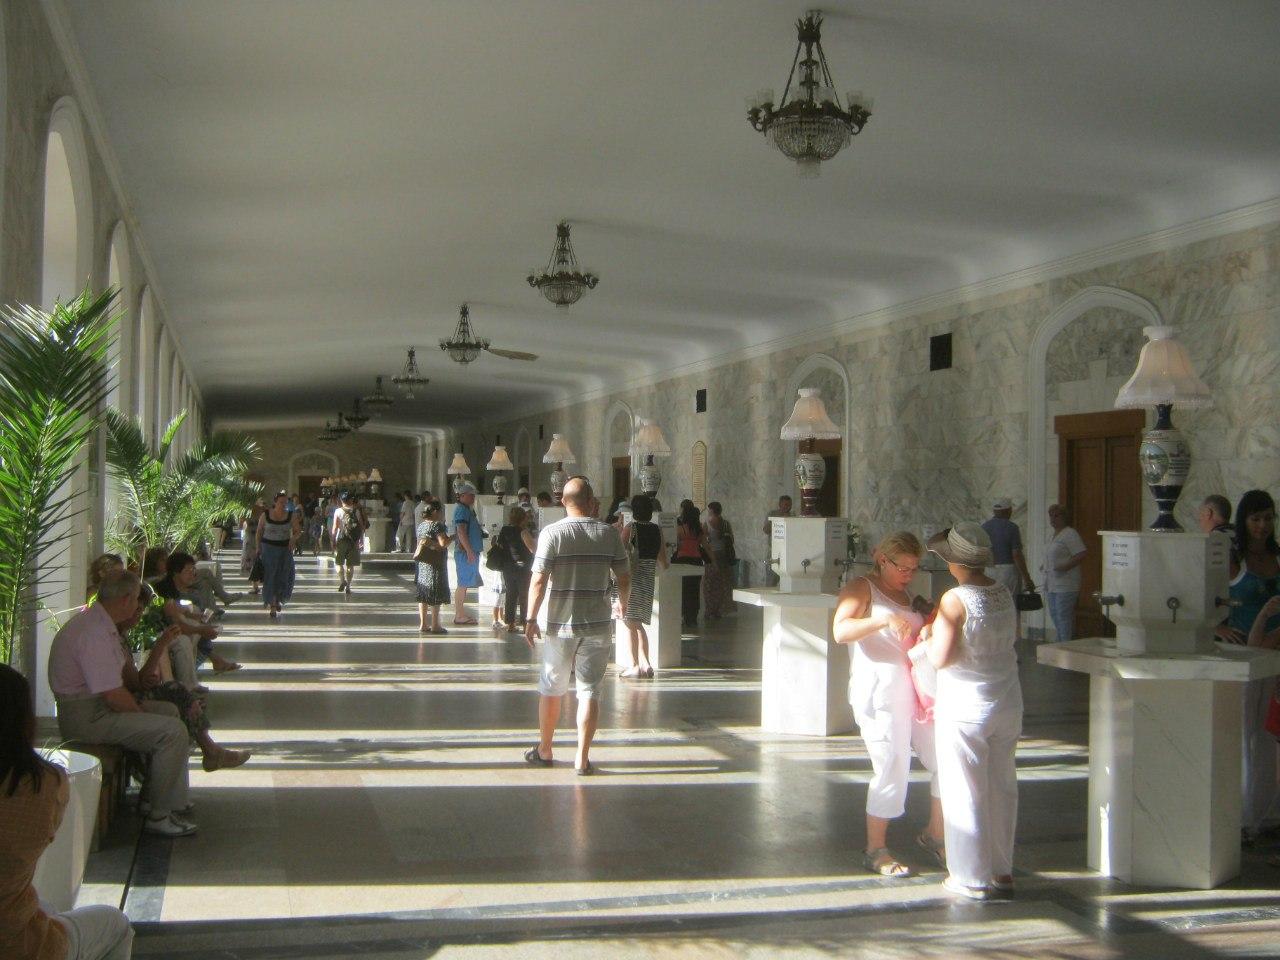 В главной нарзанной галерее Кисловодска